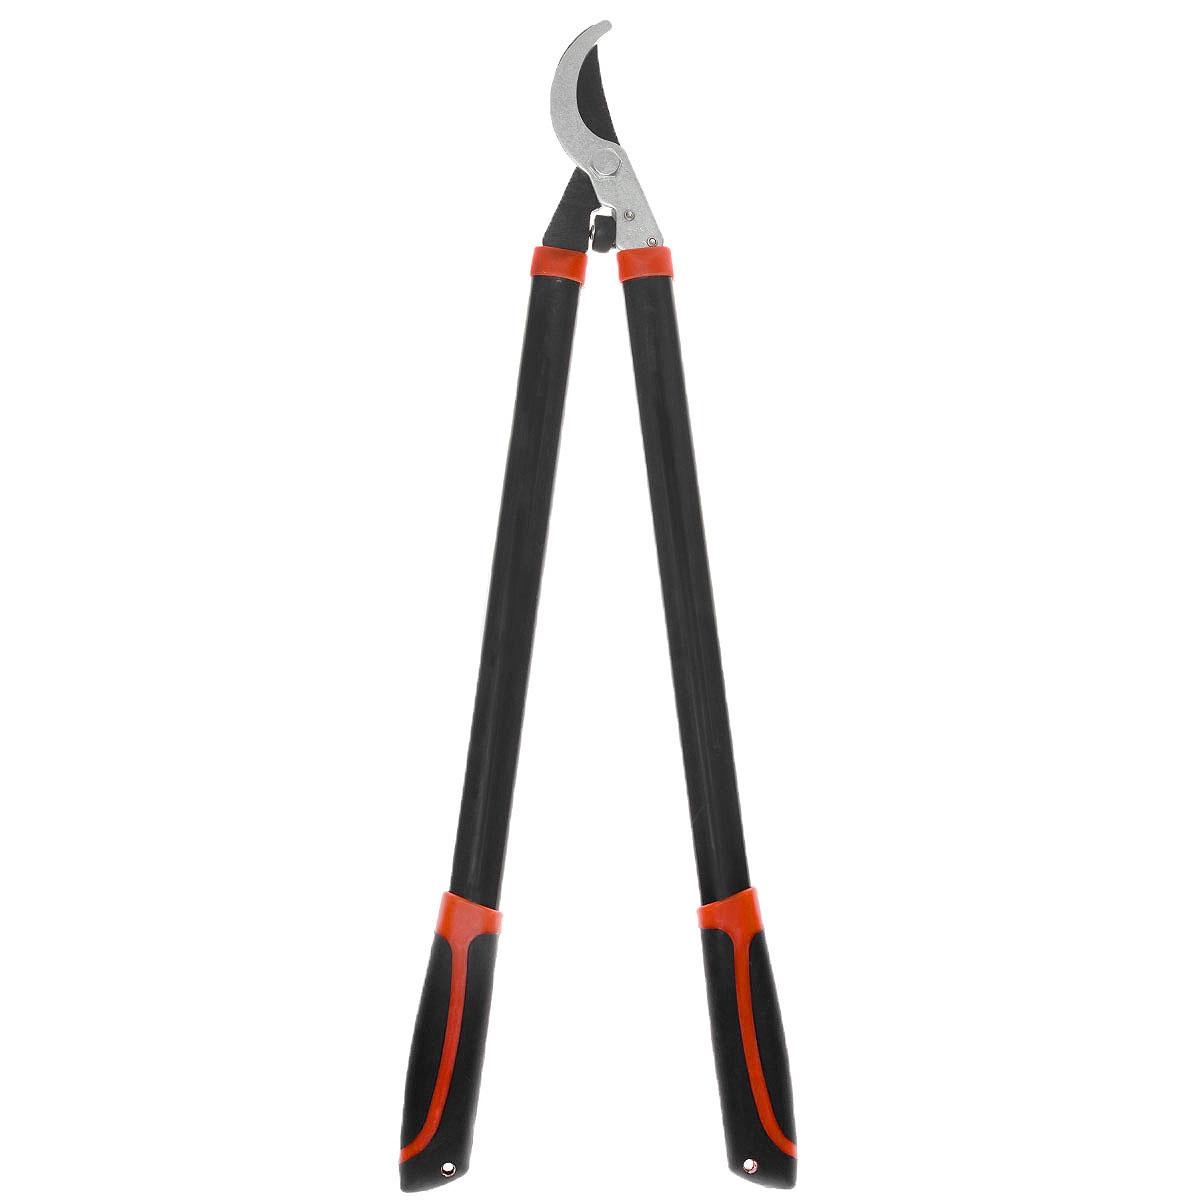 Сучкорез FIT, 720 мм. 7712077120Сучкорез FIT выполнен из высокопрочной инструментальной стали. Для удобства работы предусмотрены длинные ручки с пластиковыми прорезиненными накладками. Лезвия сучкореза с тефлоновым покрытием остро заточены. Сучкорез предназначен для обрезания тонких веток и корней.